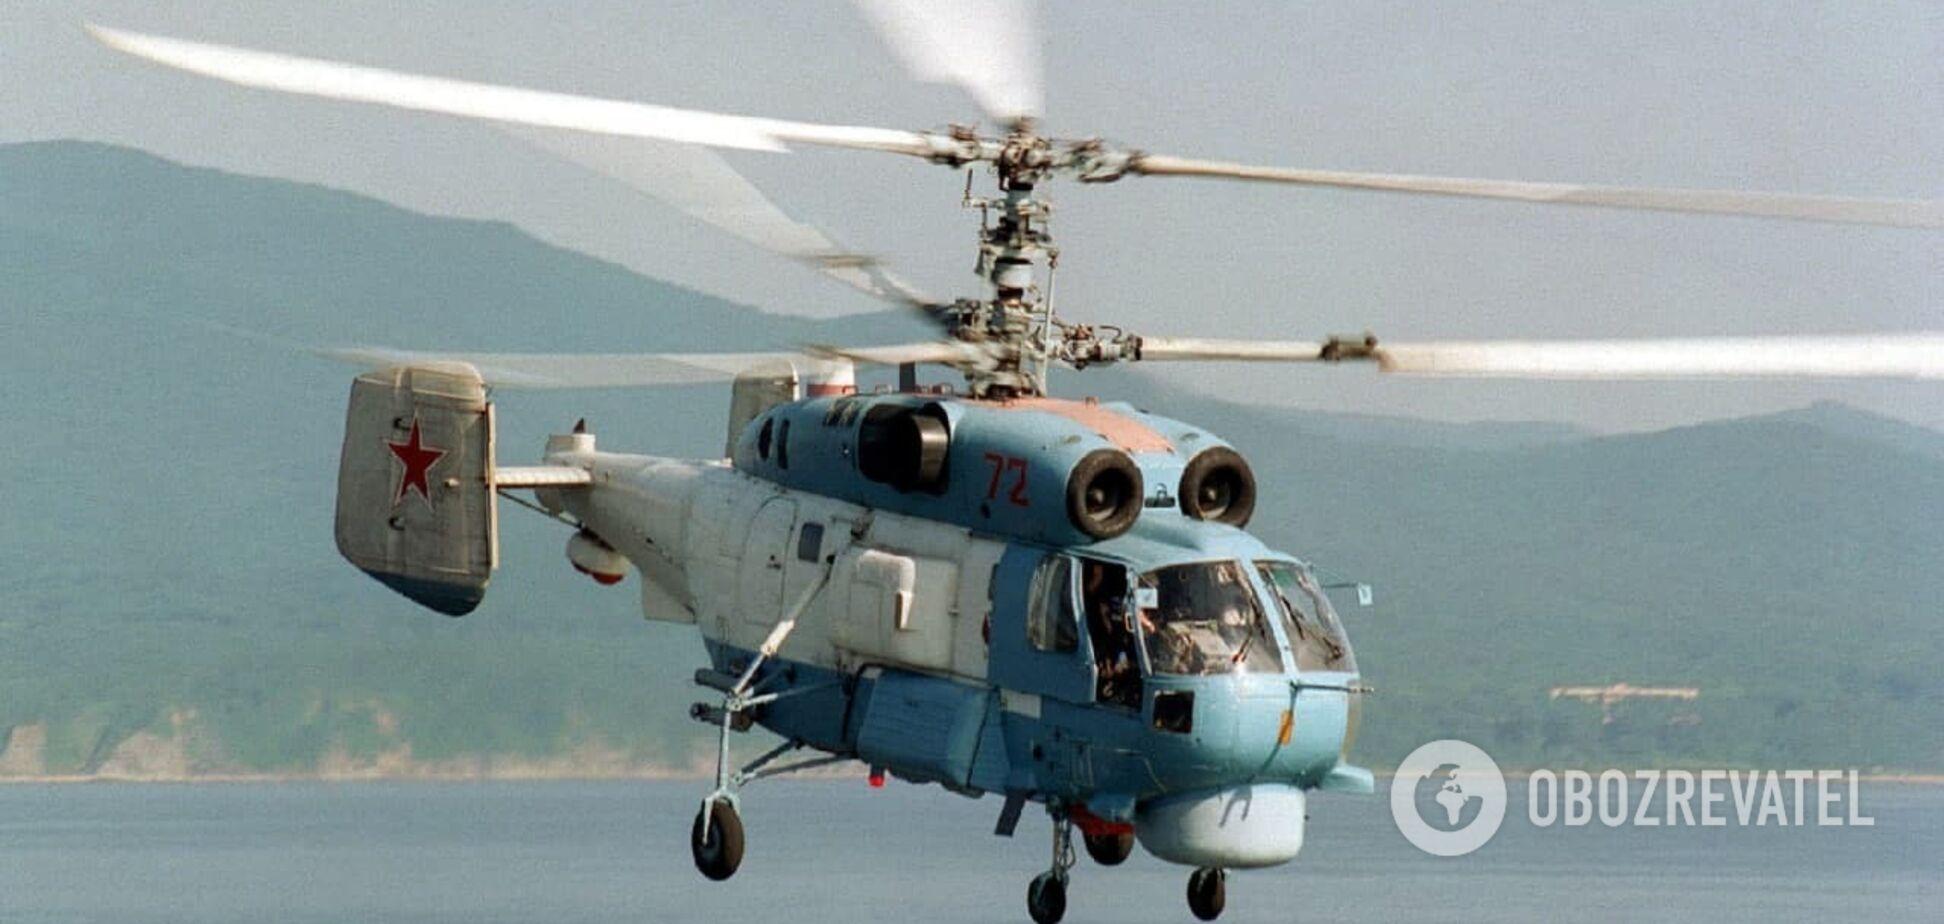 В России разбился боевой вертолет ФСБ: первые подробности